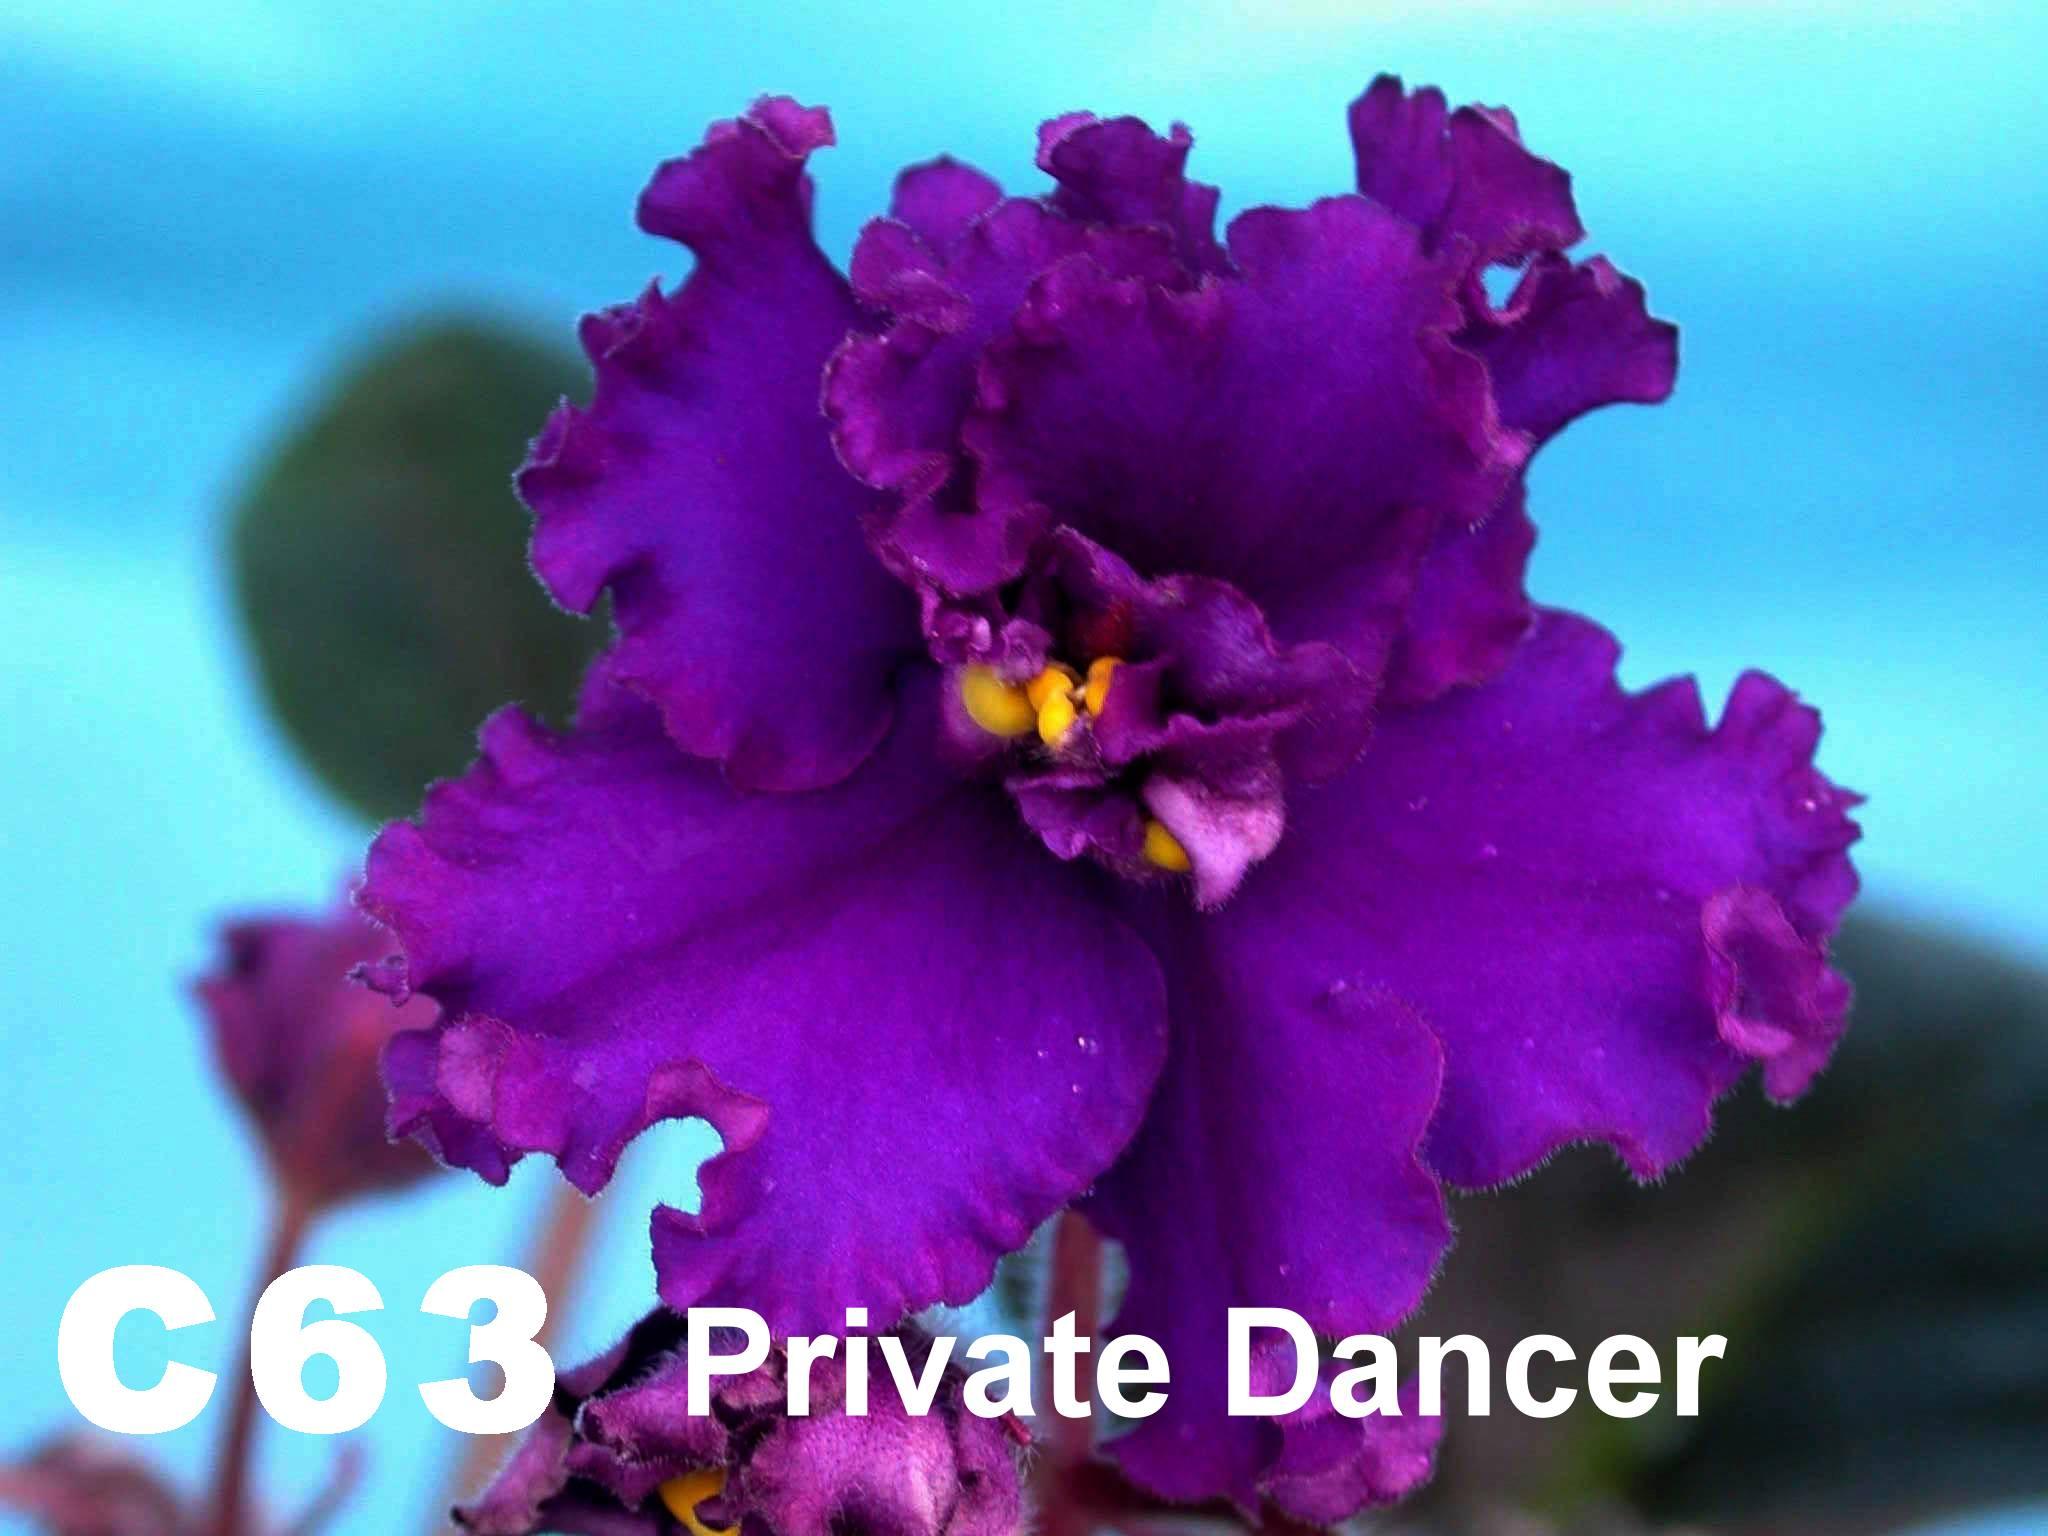 [C63] Private Dancer C63